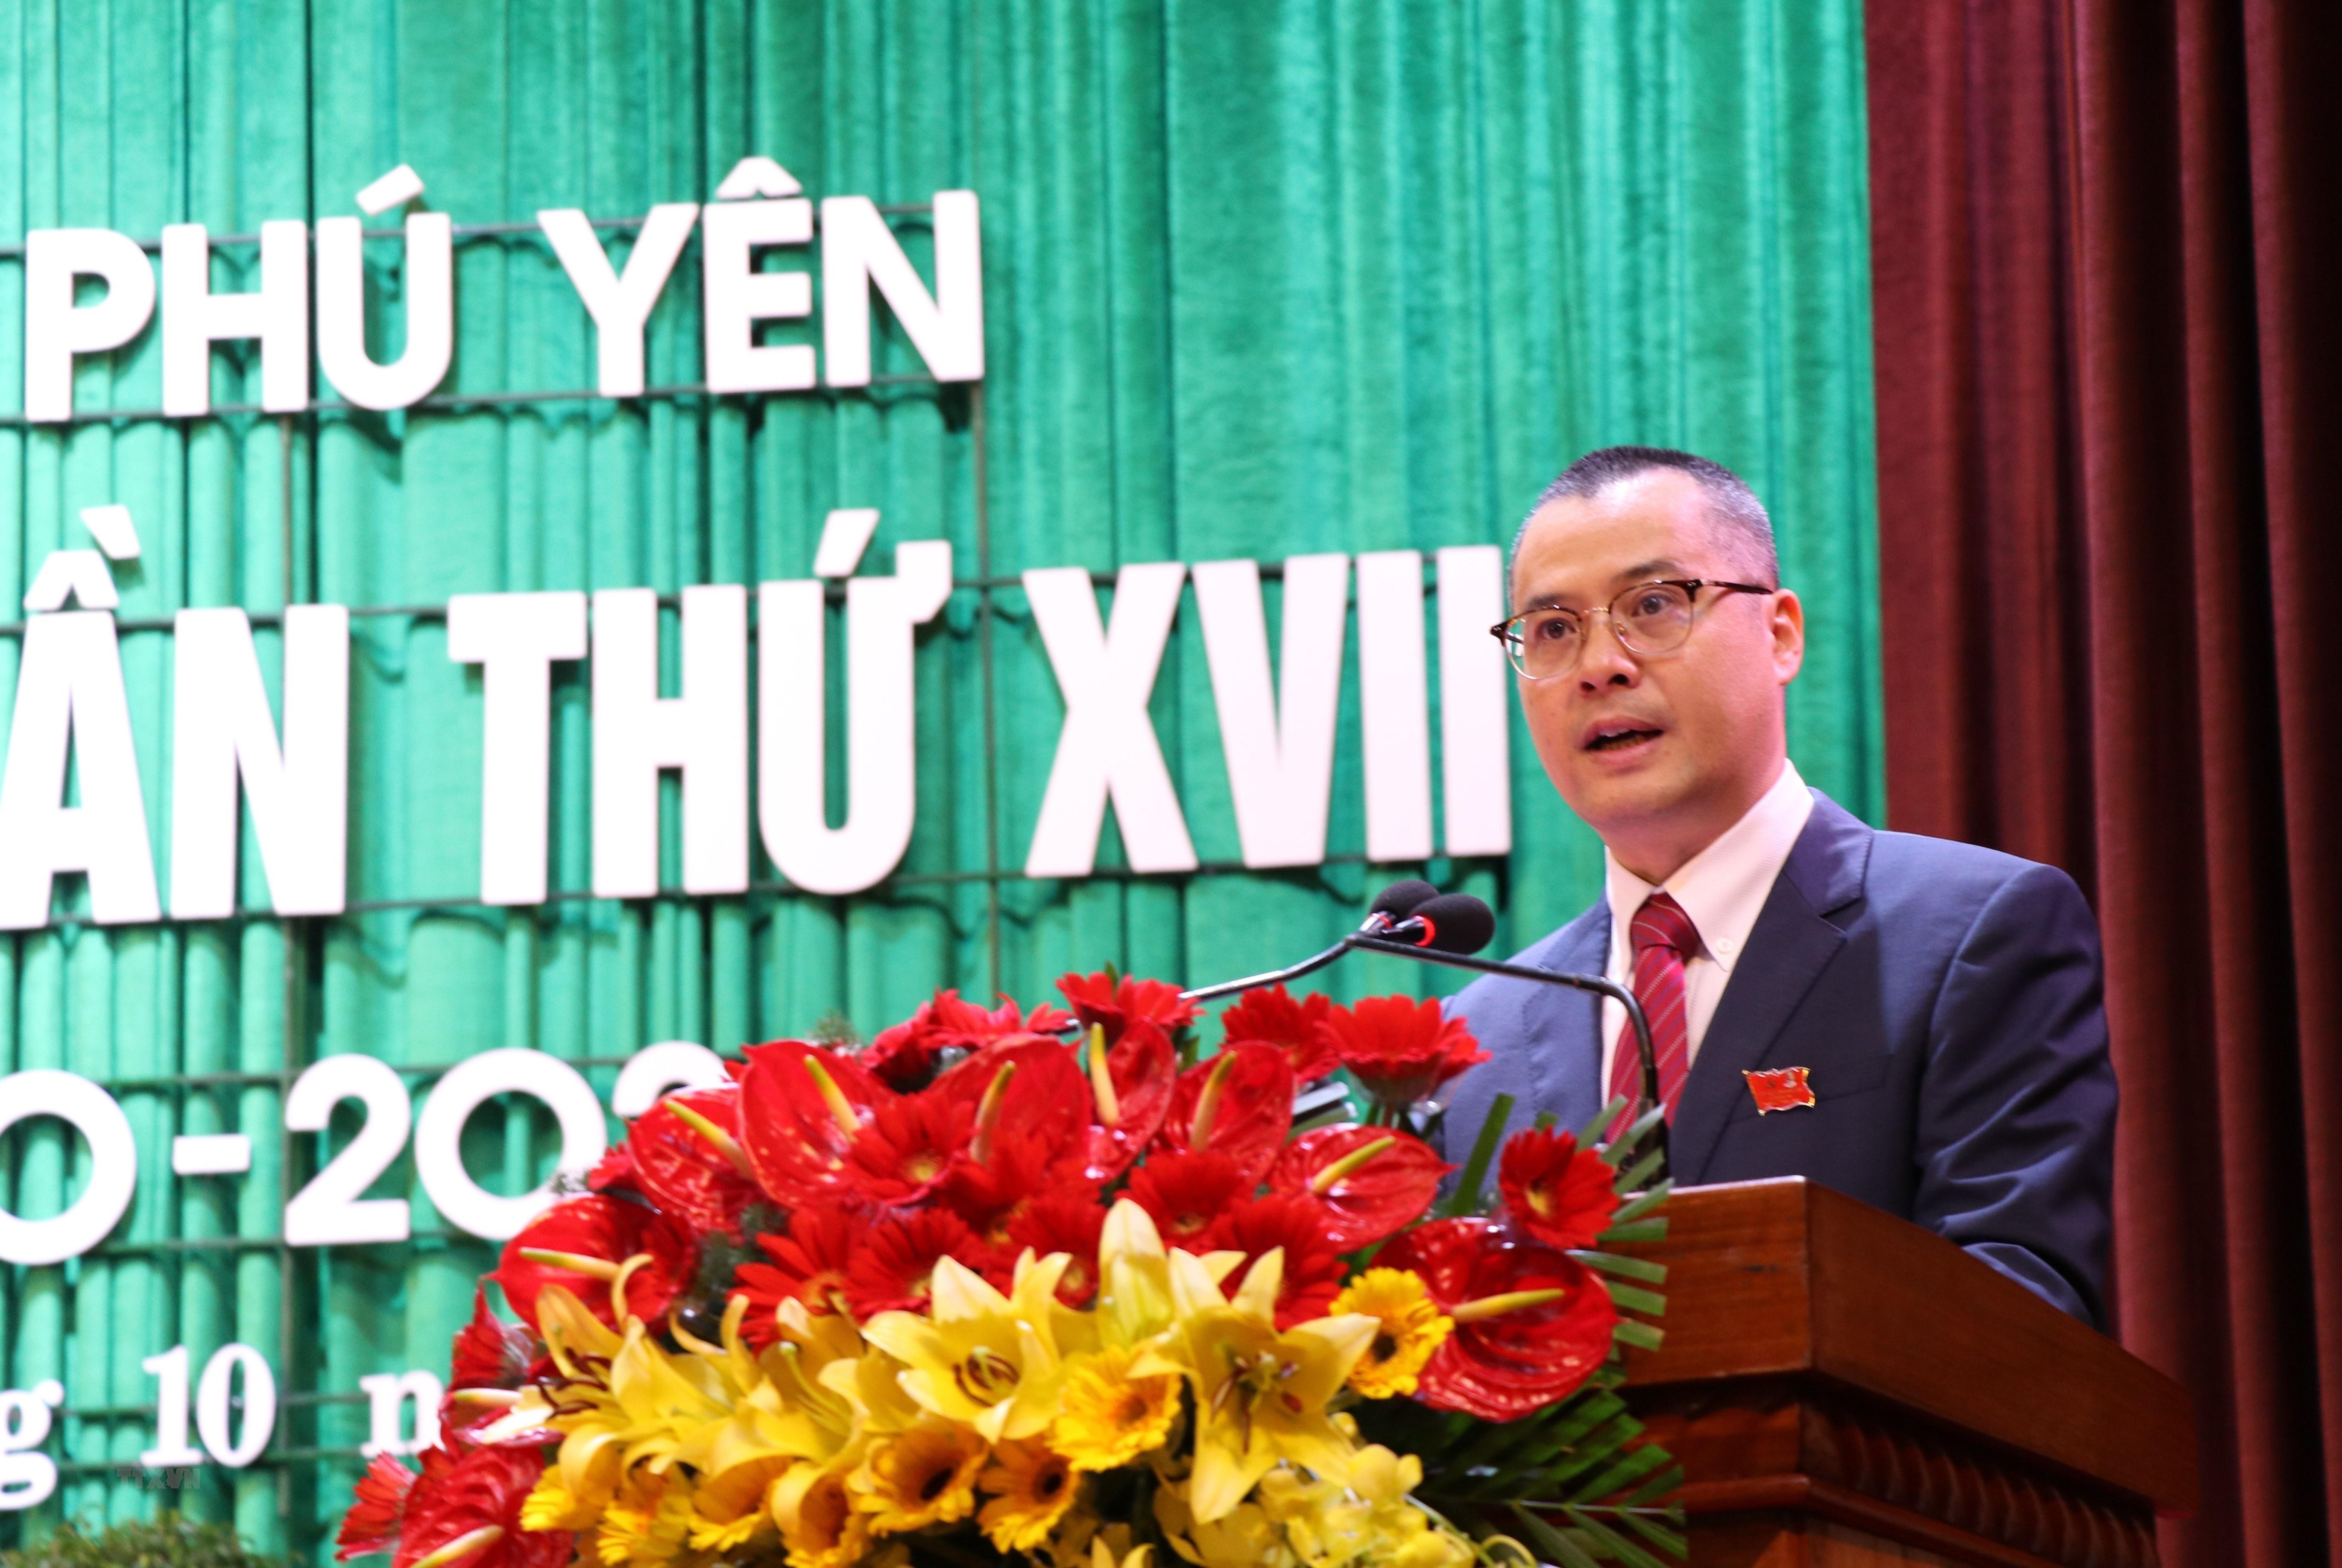 Phu Yen can tan dung loi the, day nhanh phat trien kinh te bien hinh anh 2